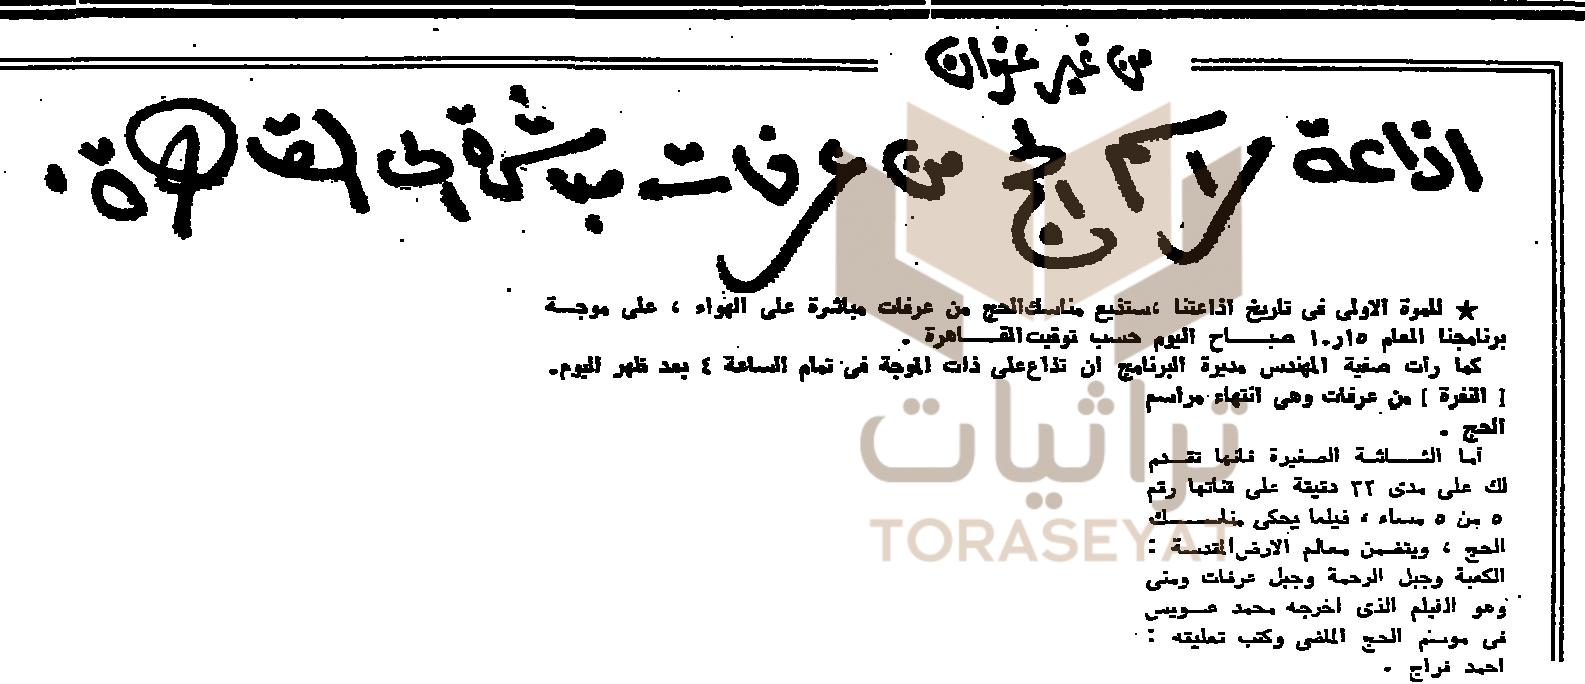 خبر نقل الشعائر عبر أثير الإذاعة في 15 فبراير 1970 م